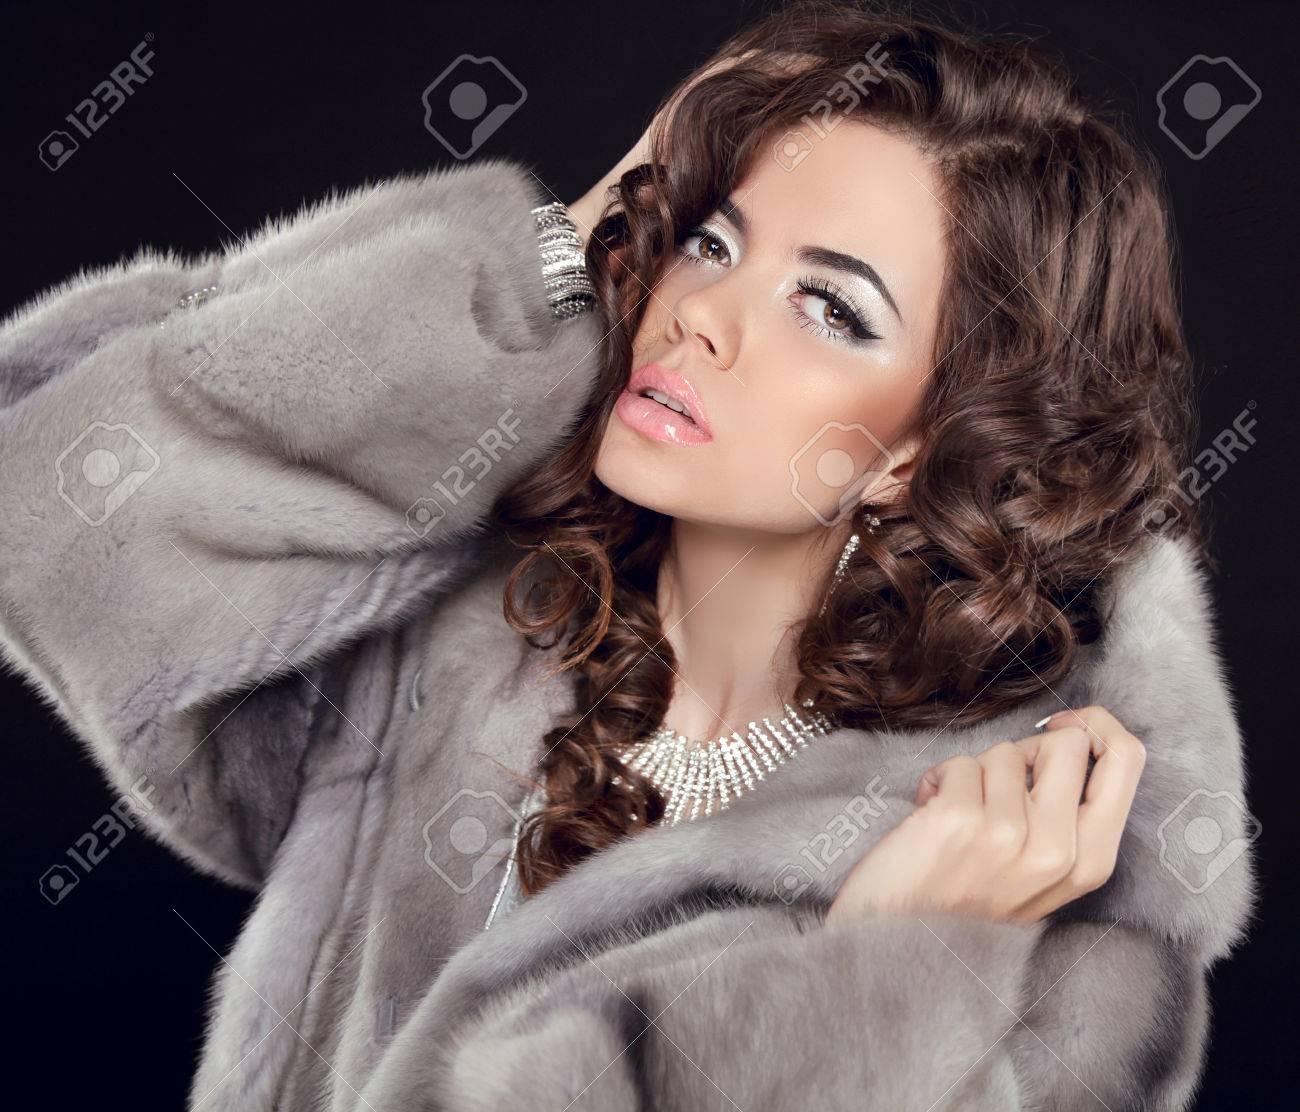 Moda Rizado De La Retrato Maquillaje Mujer Hermoso Pelo Chica fARqB0Uwqn